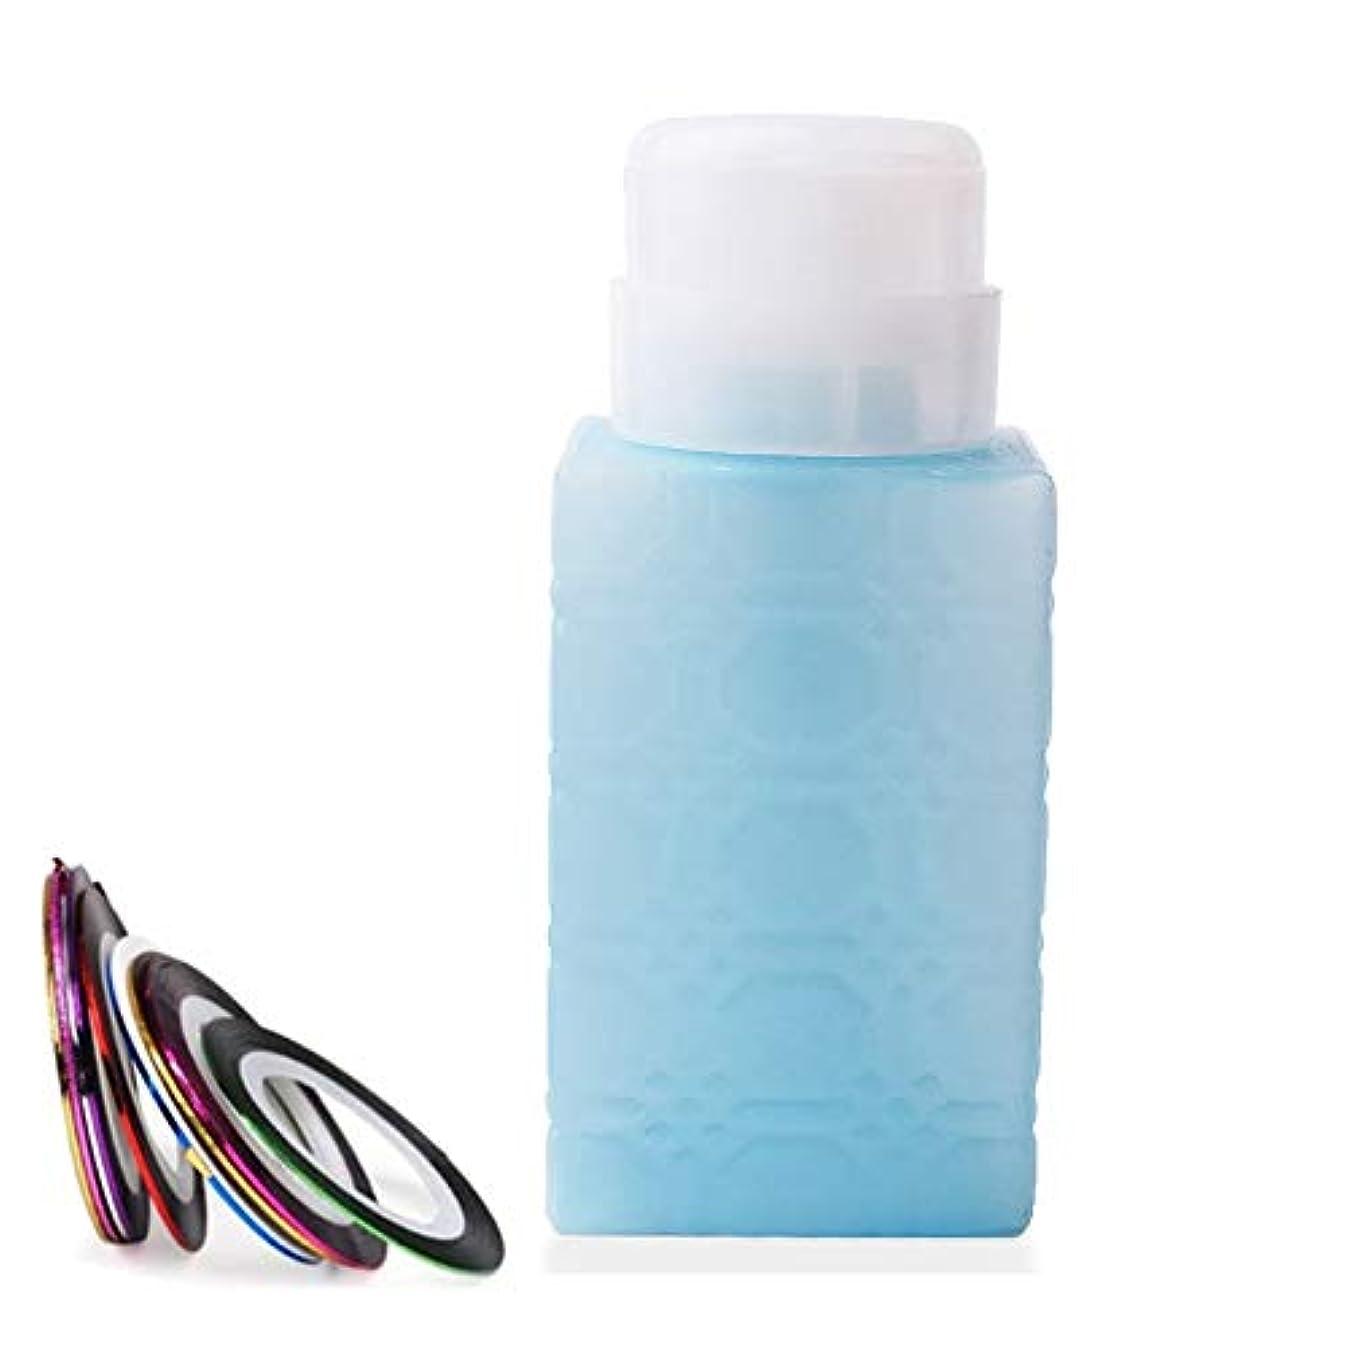 持続するモーションサーバント空ポンプボトル ポンプディスペンサー ネイルワイプ瓶 ジュルクリーナー ジュルリムーバー 可愛い (ブルー)